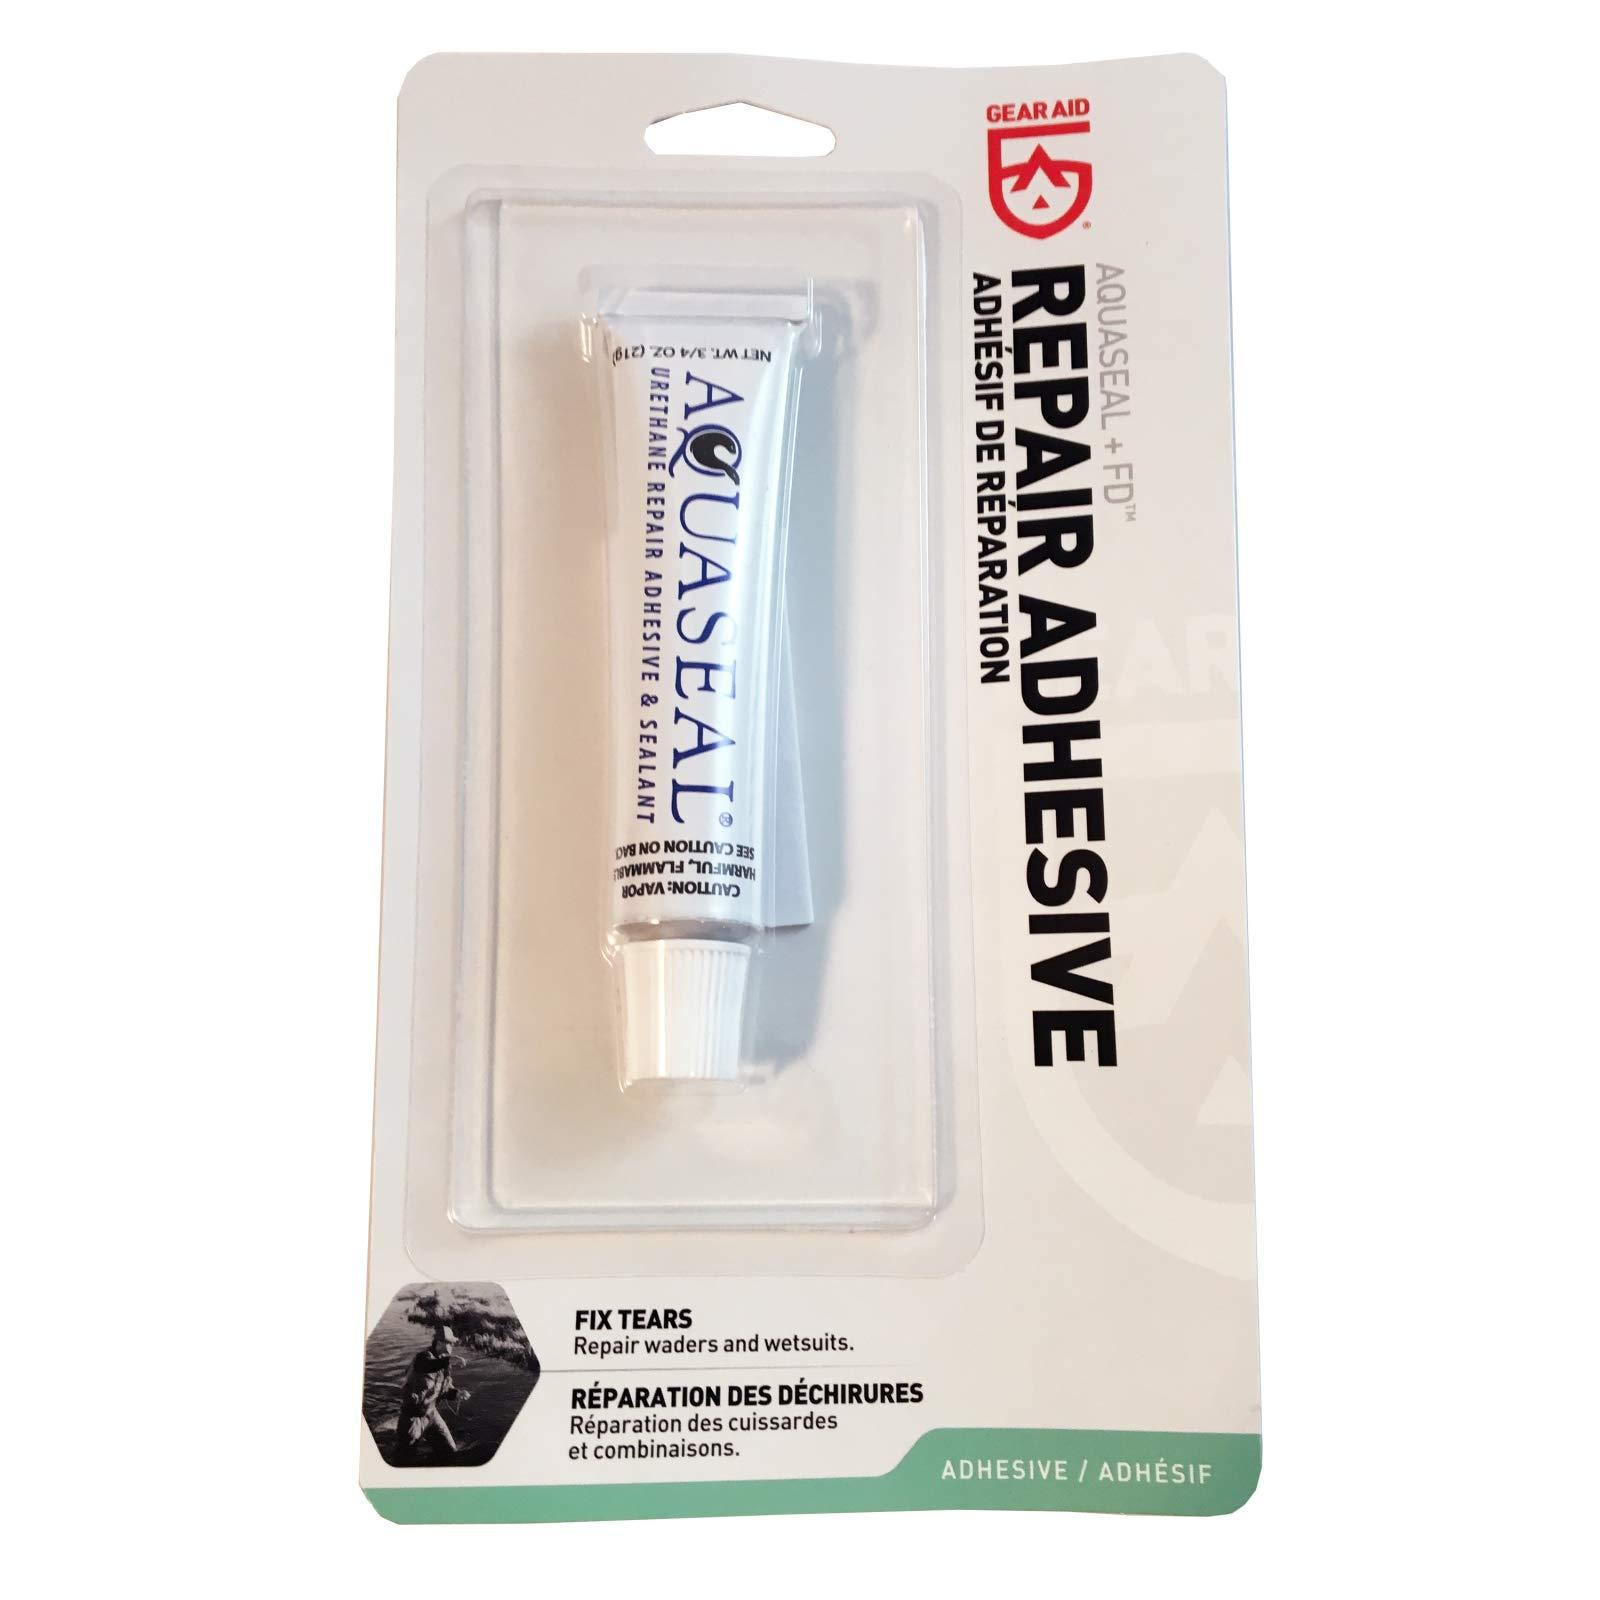 M Essentials Aquaseal Urethane Repair Adhesive & Sealant 3/4 OZ 2 Pk